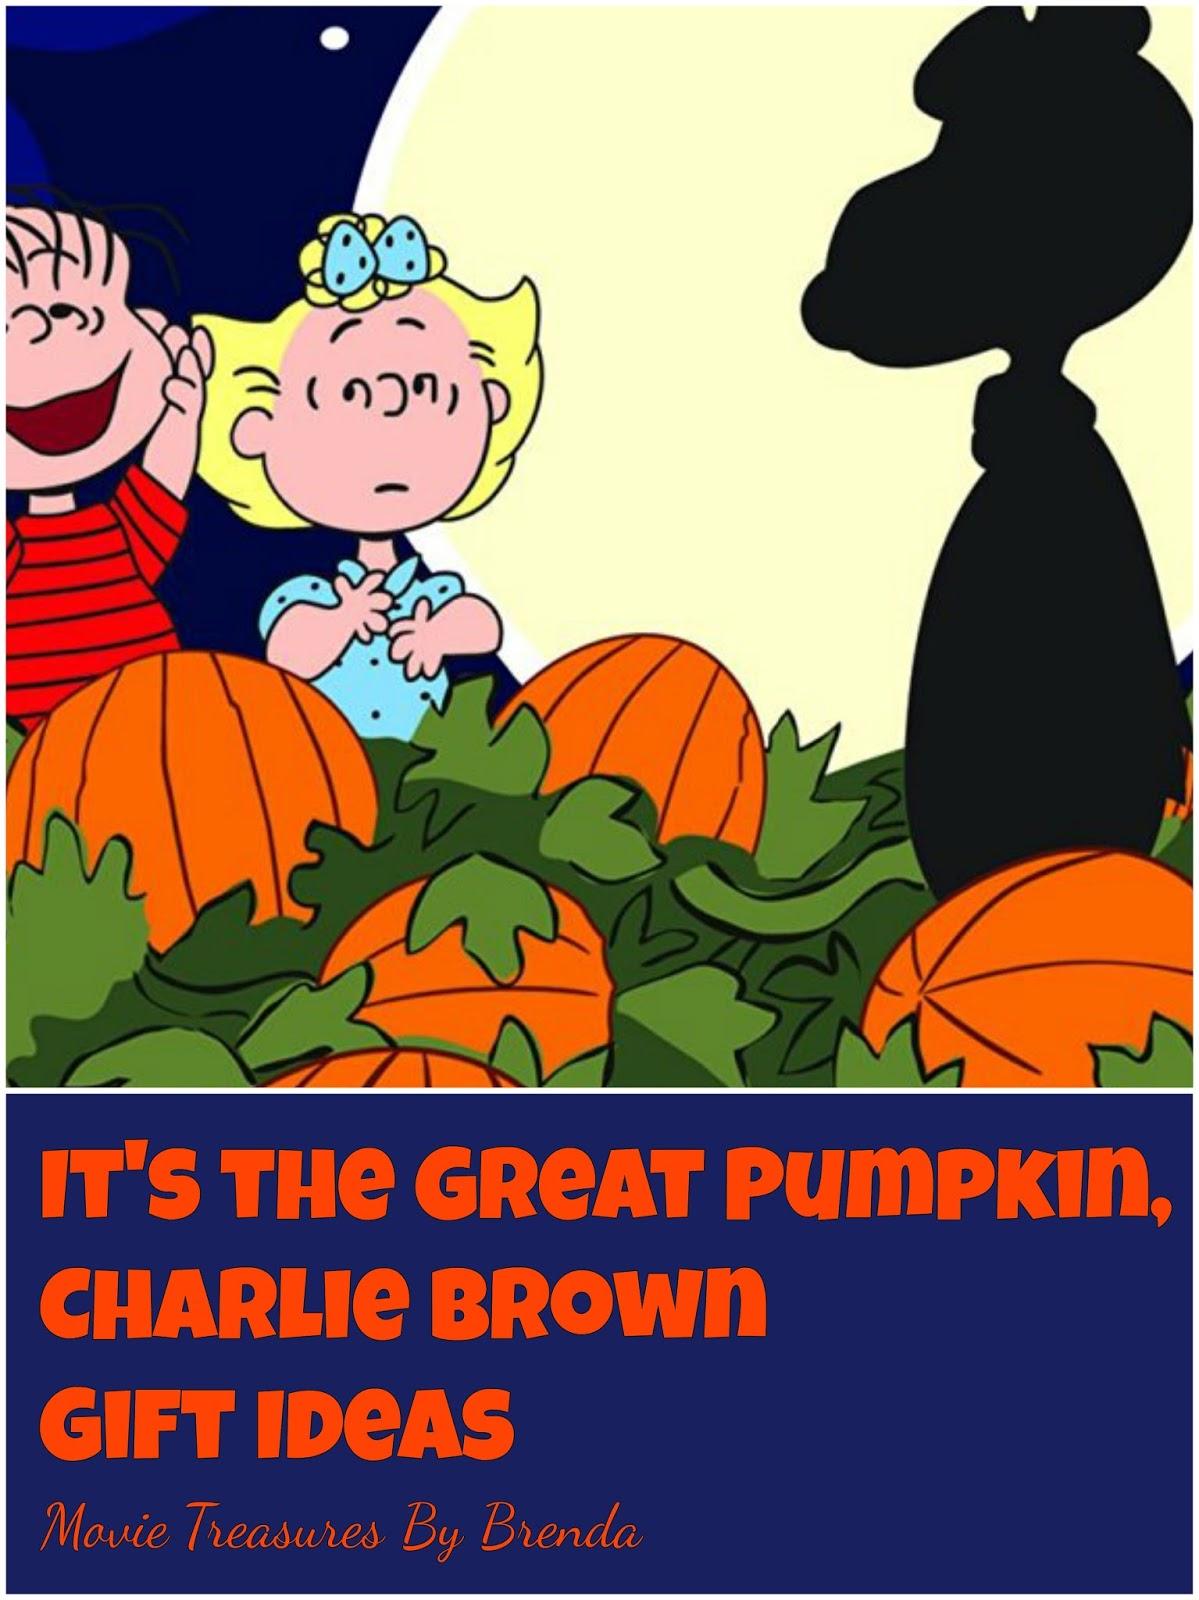 Movie Treasures By Brenda It S The Great Pumpkin Charlie